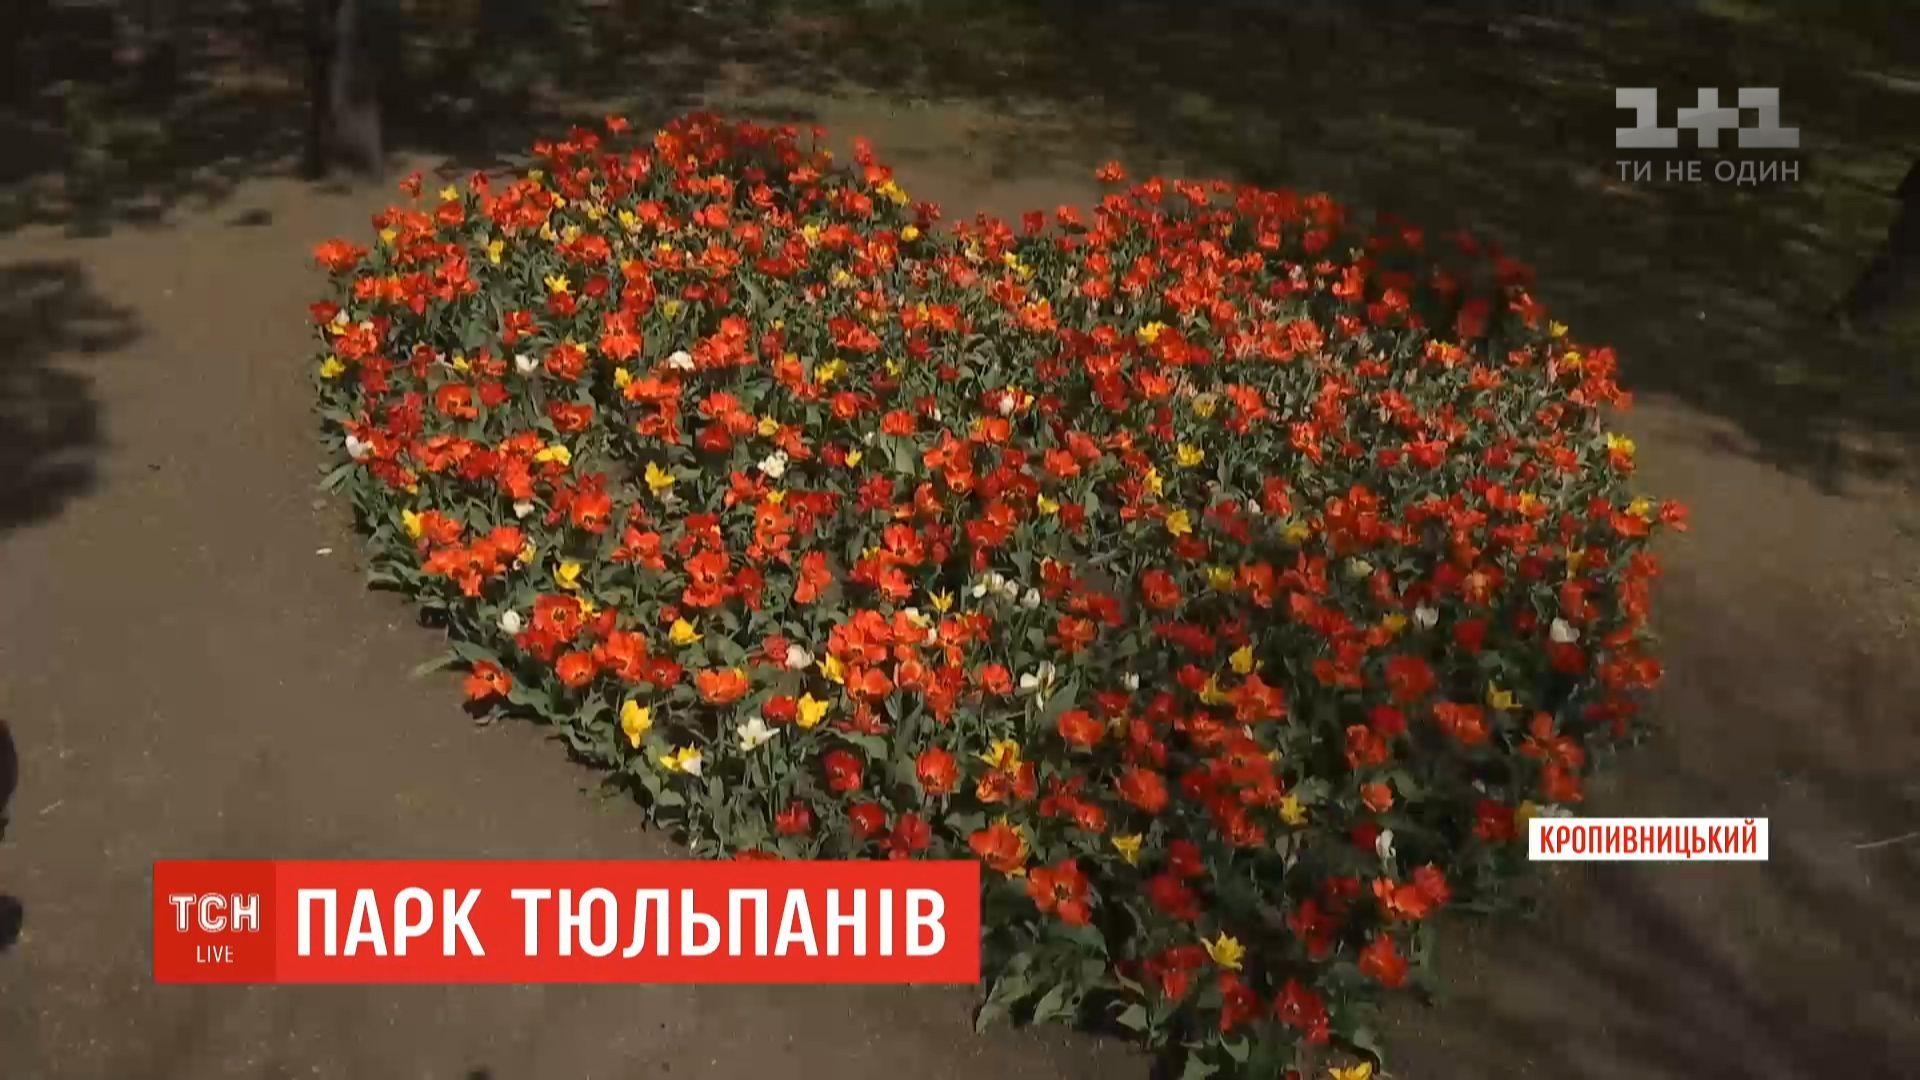 Цього року сезон цвітіння тюльпанів у центрі України триватиме довше/ скріншот